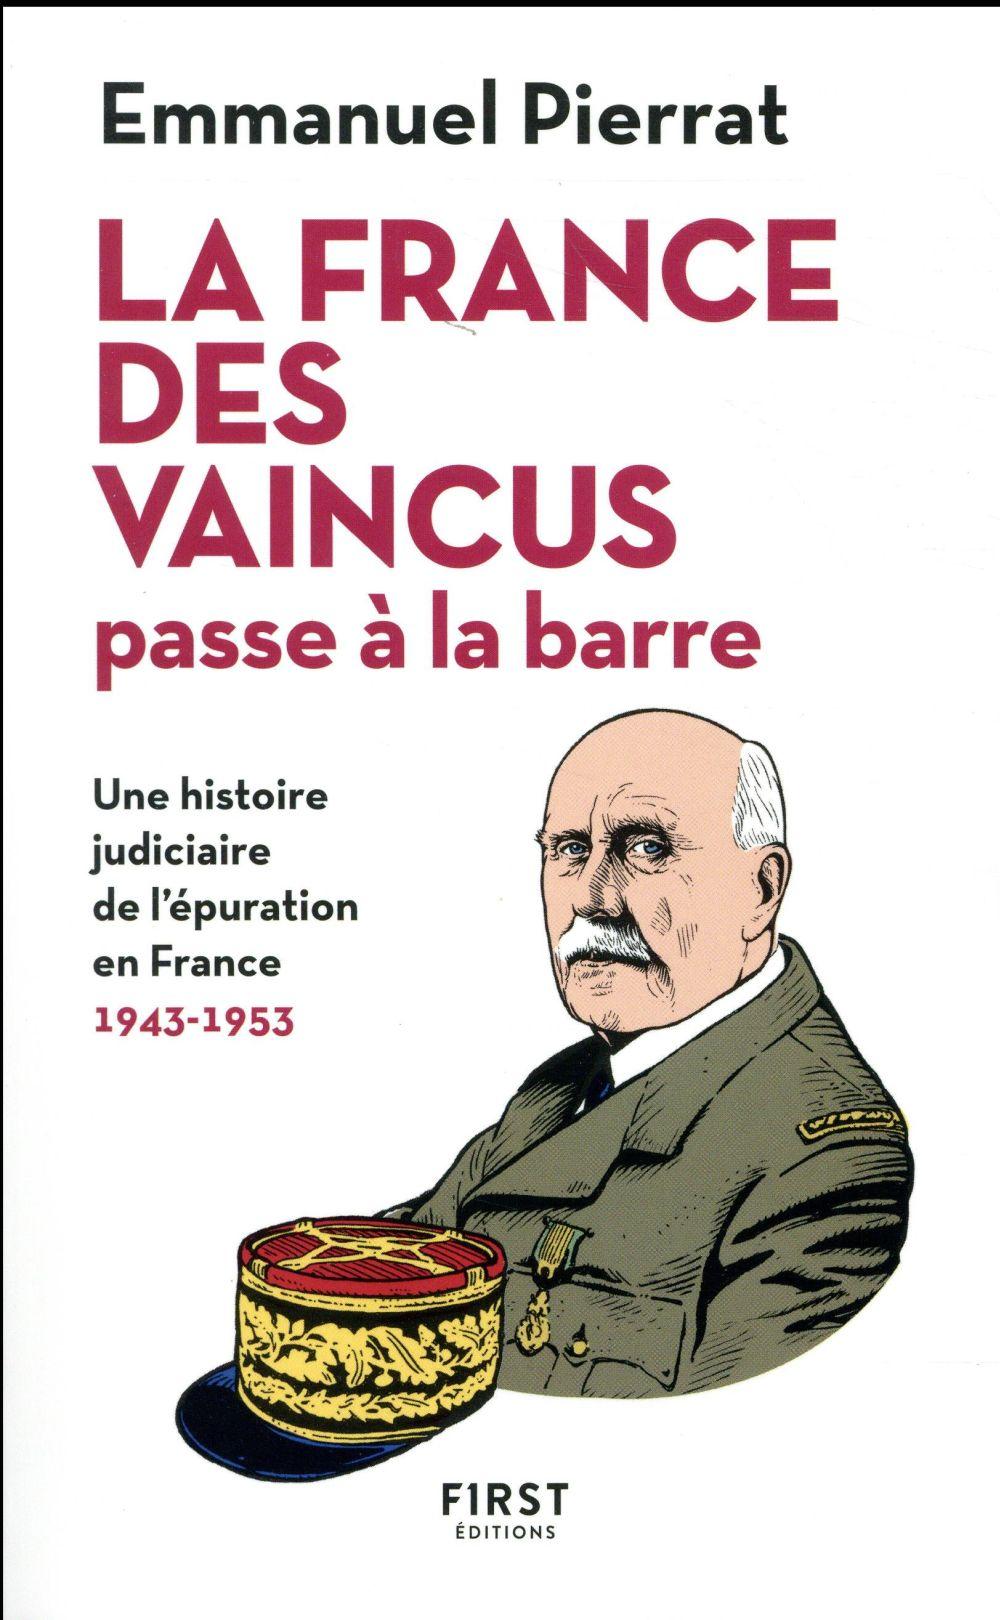 LA FRANCE DES VAINCUS PASSE A LA BARRE